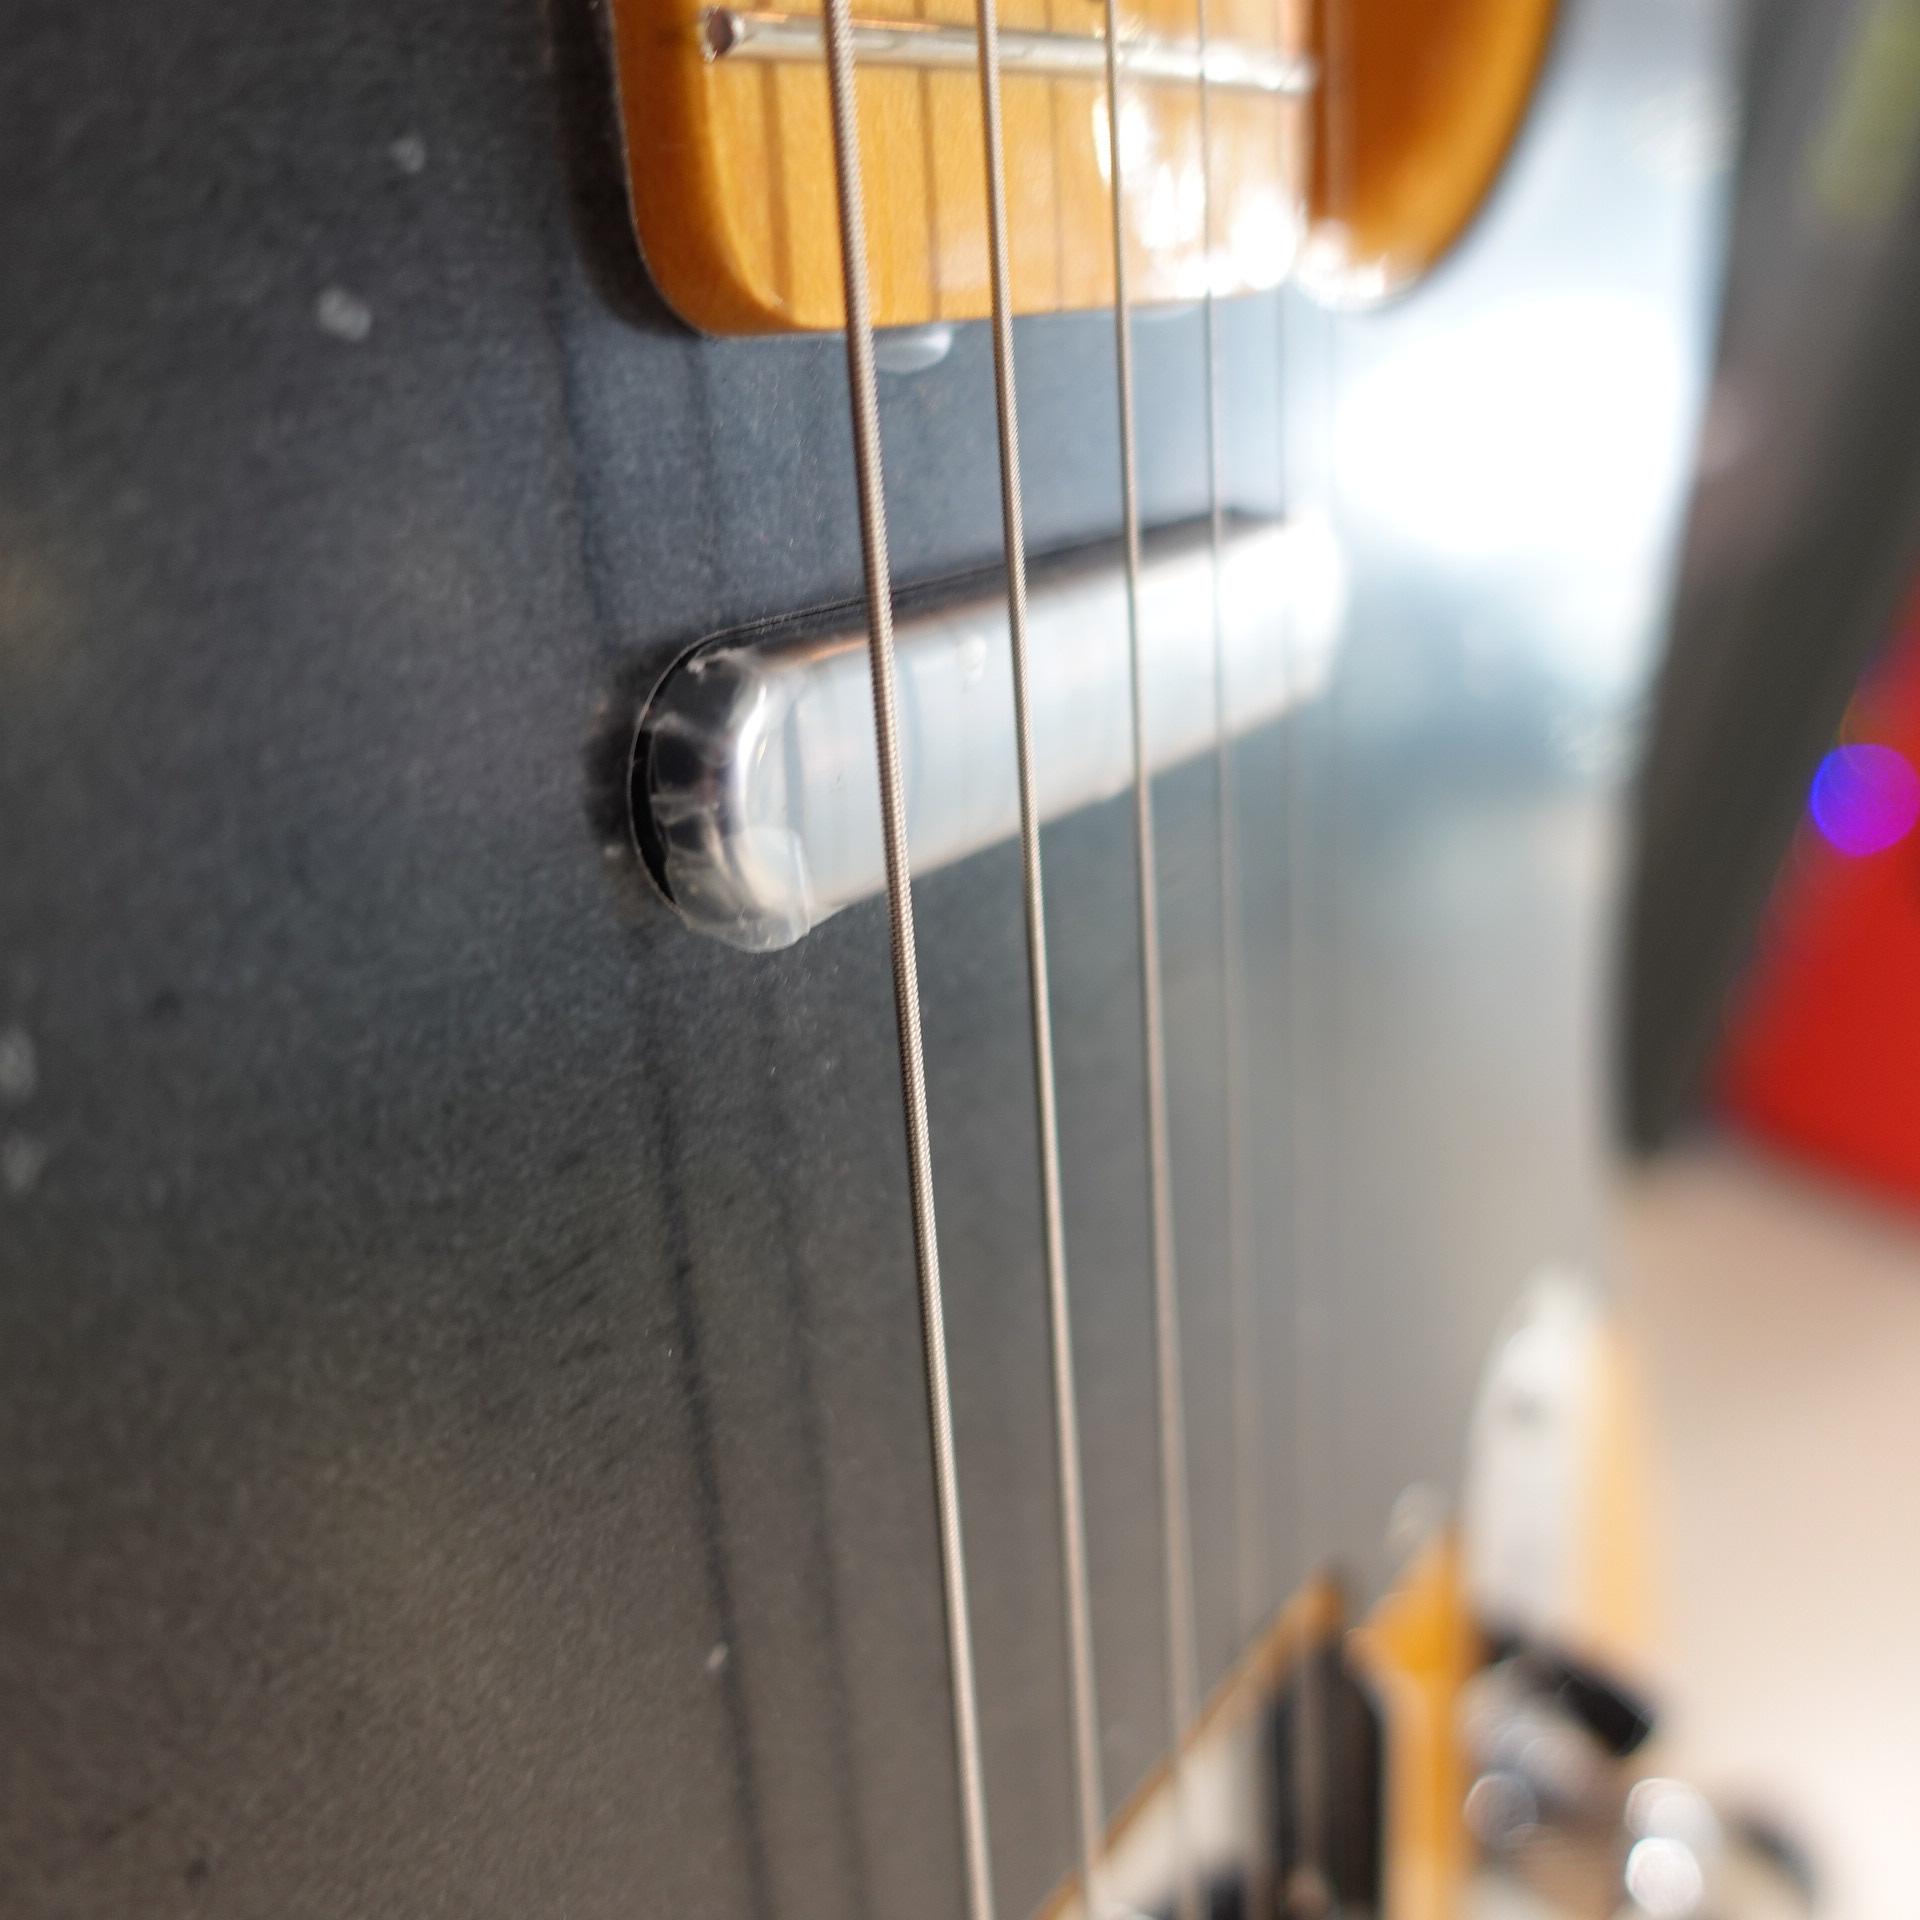 Fender Japan TL52 VNT Telecaster Limited Edition